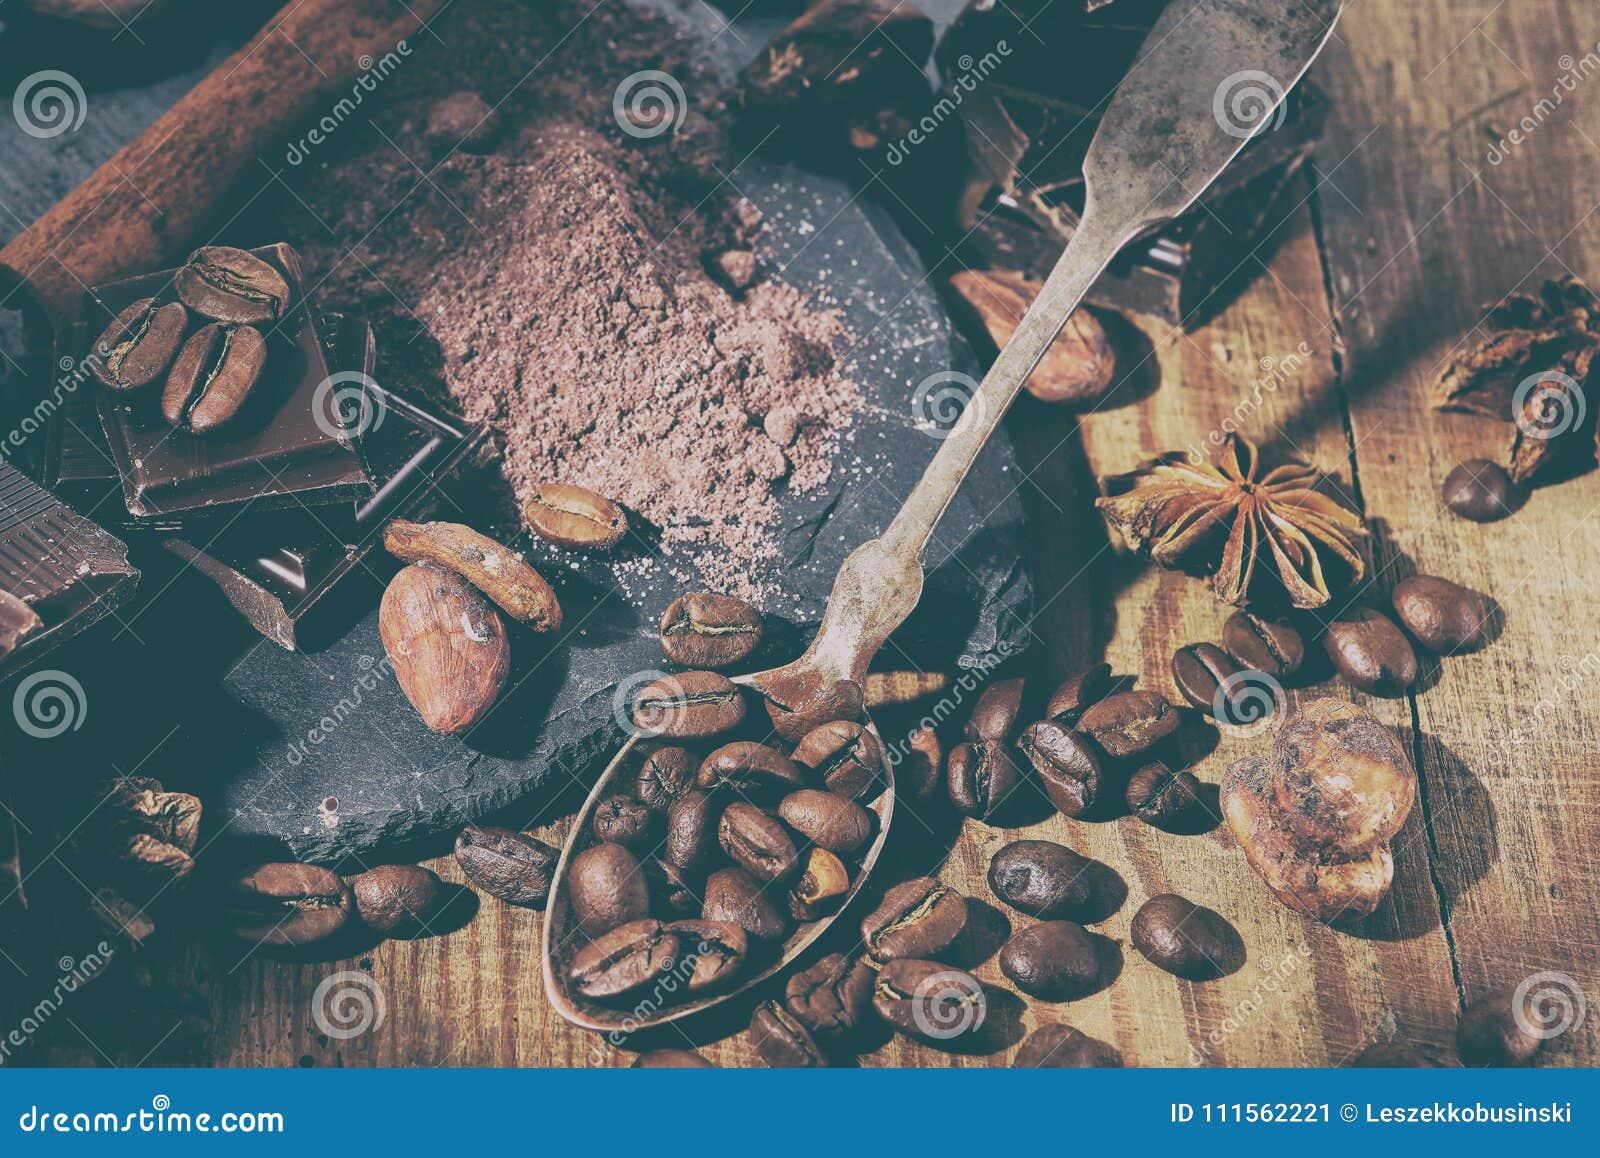 Łamana ciemna czekolada, kakaowy proszek i kawowe fasole,